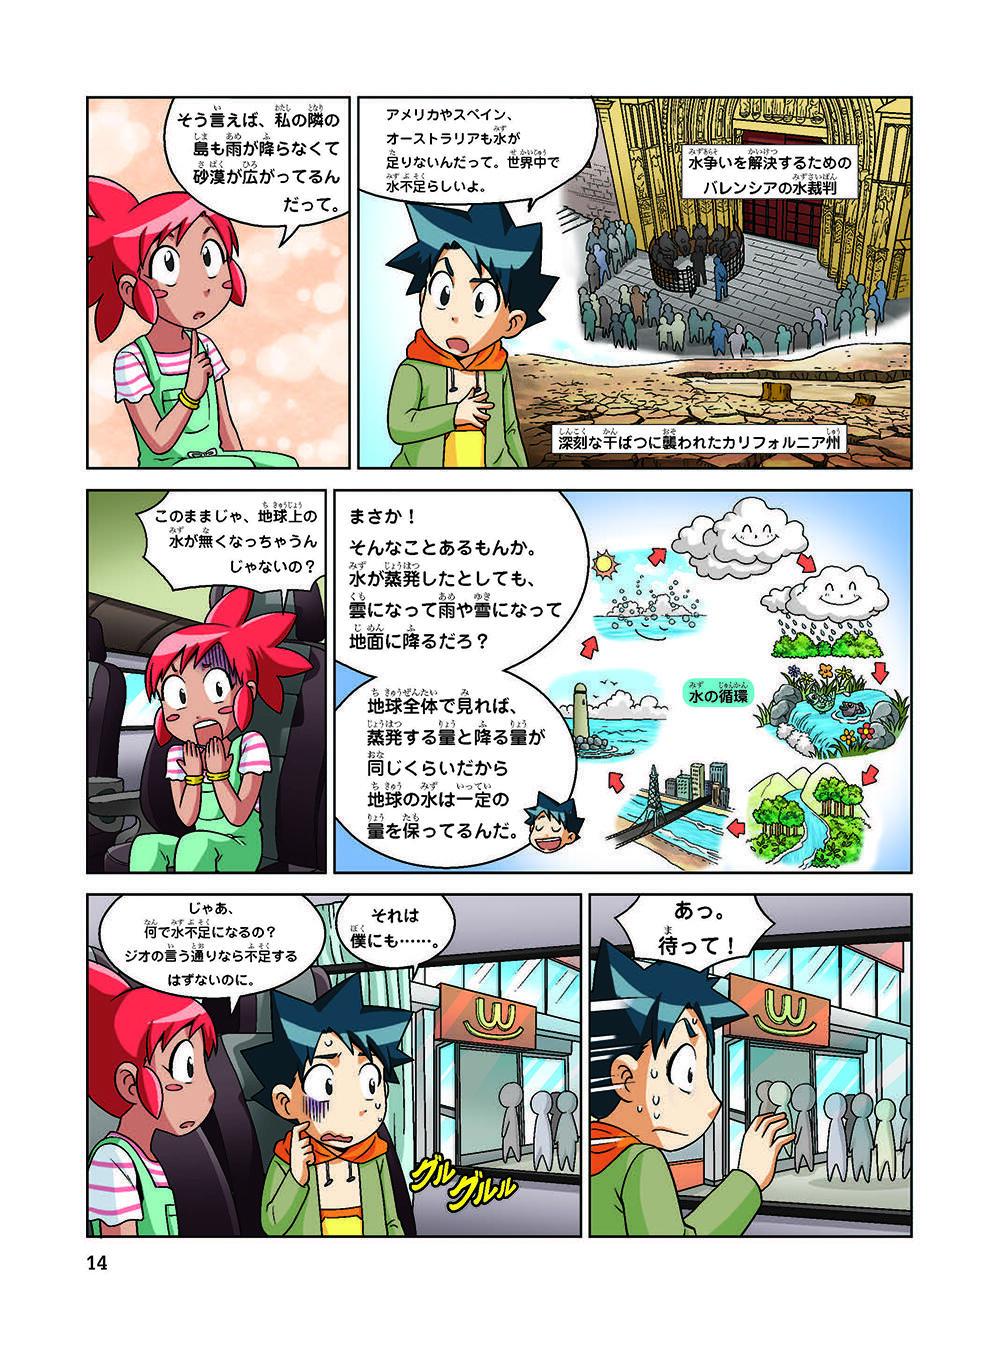 01遶_010-023_繝倥z繝シ繧キ繧兩05.jpg